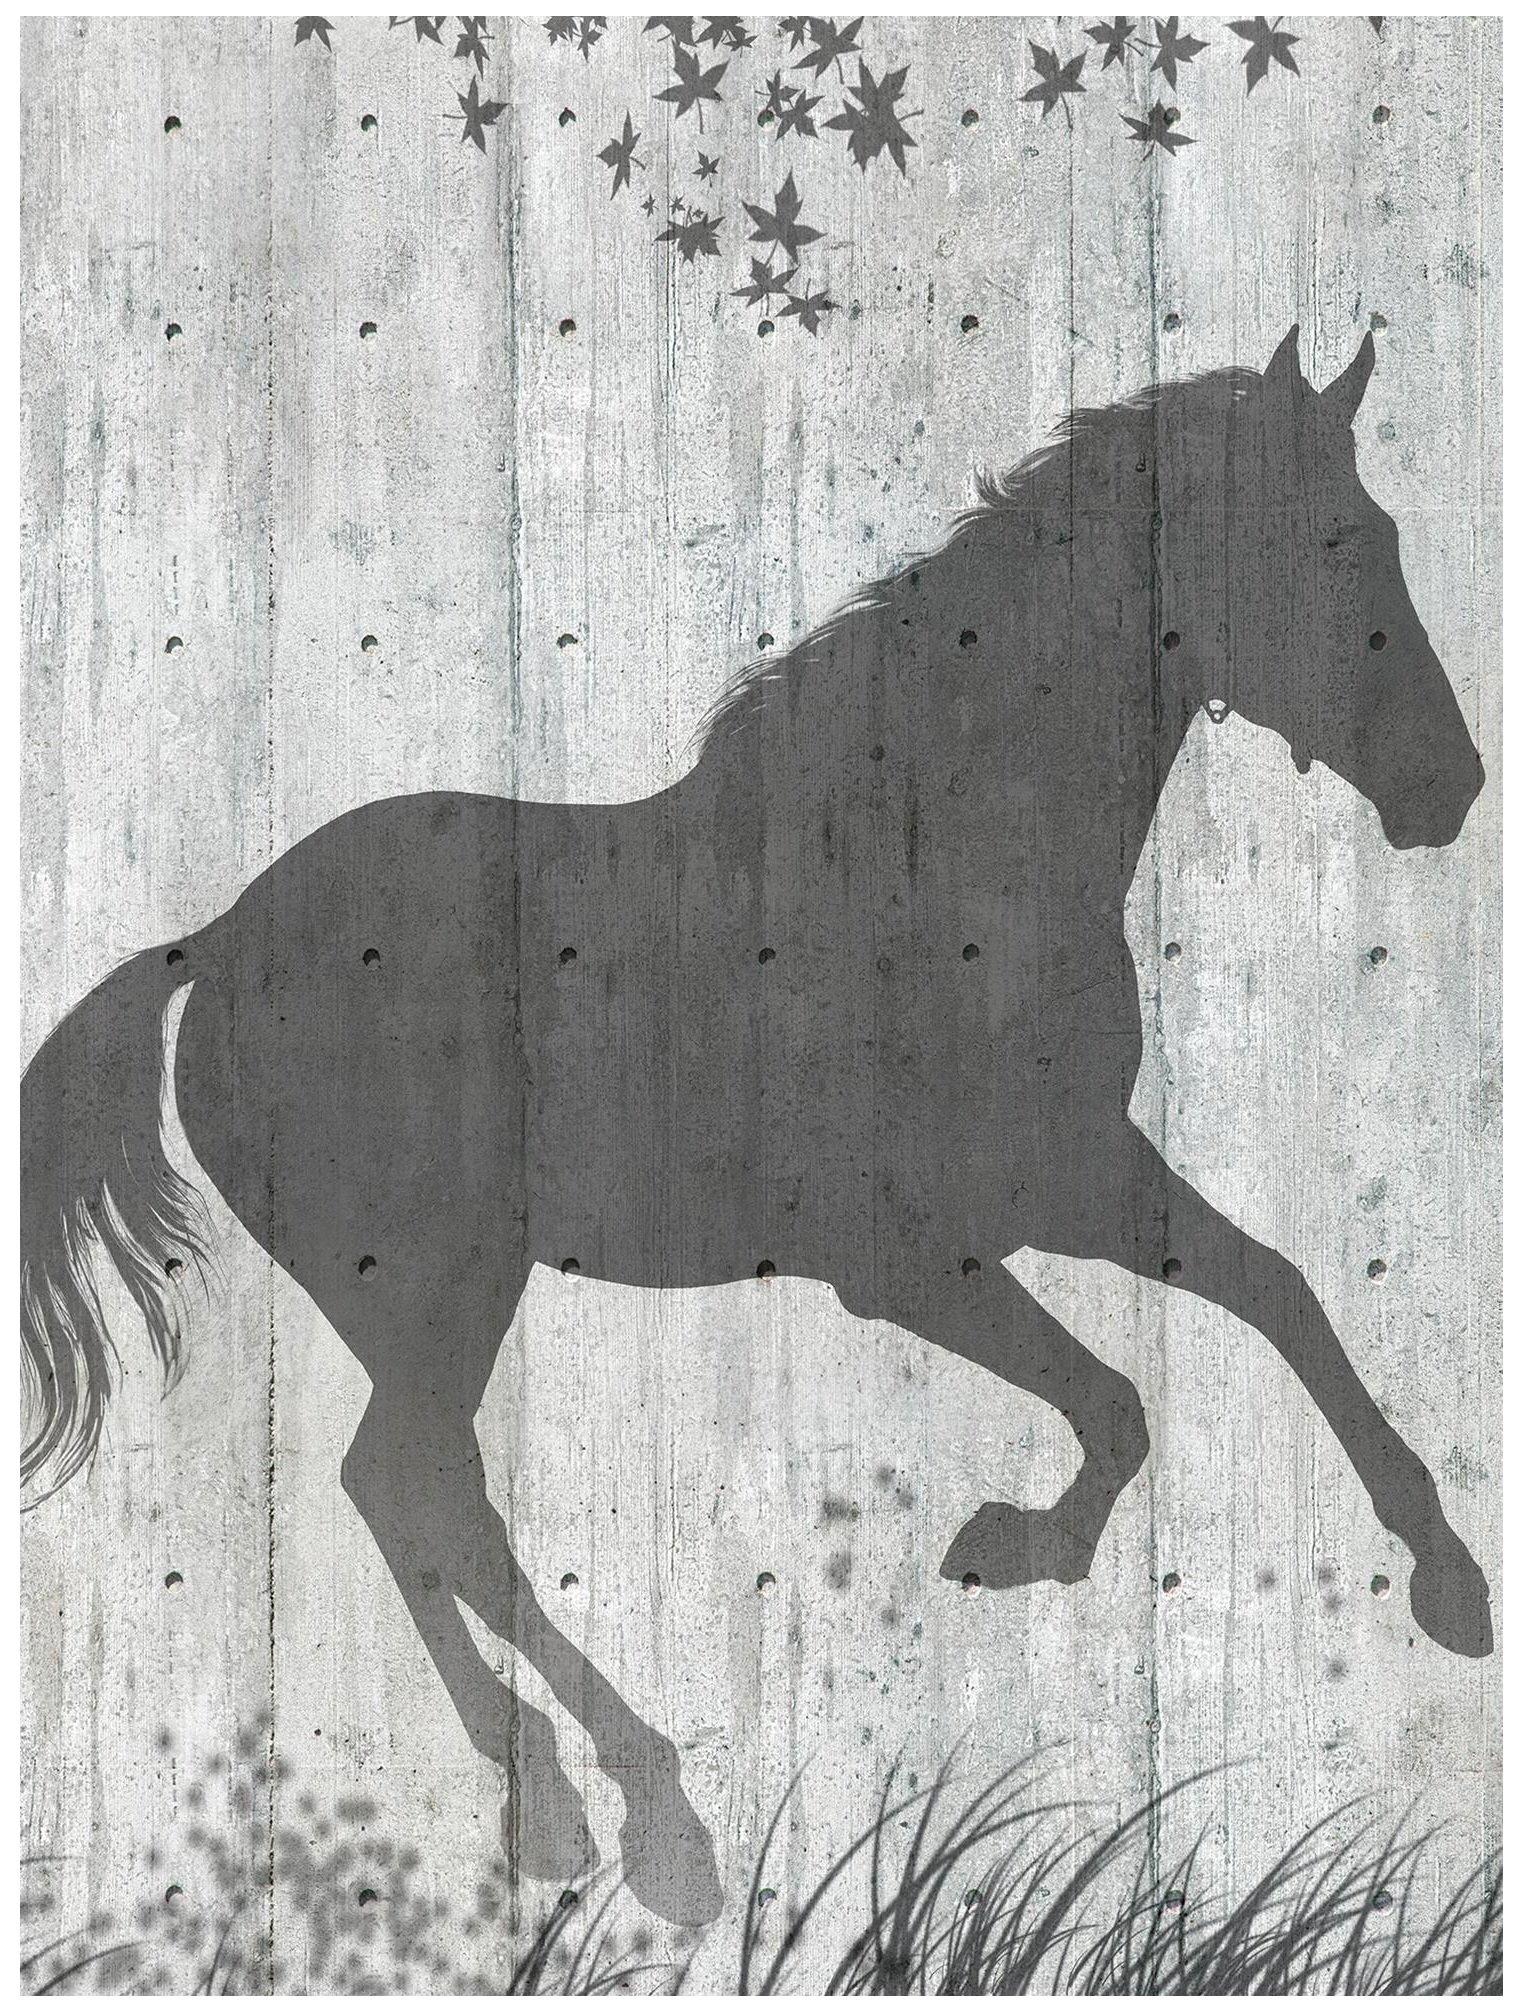 Fototapeta zwierzęta konie  fototapety